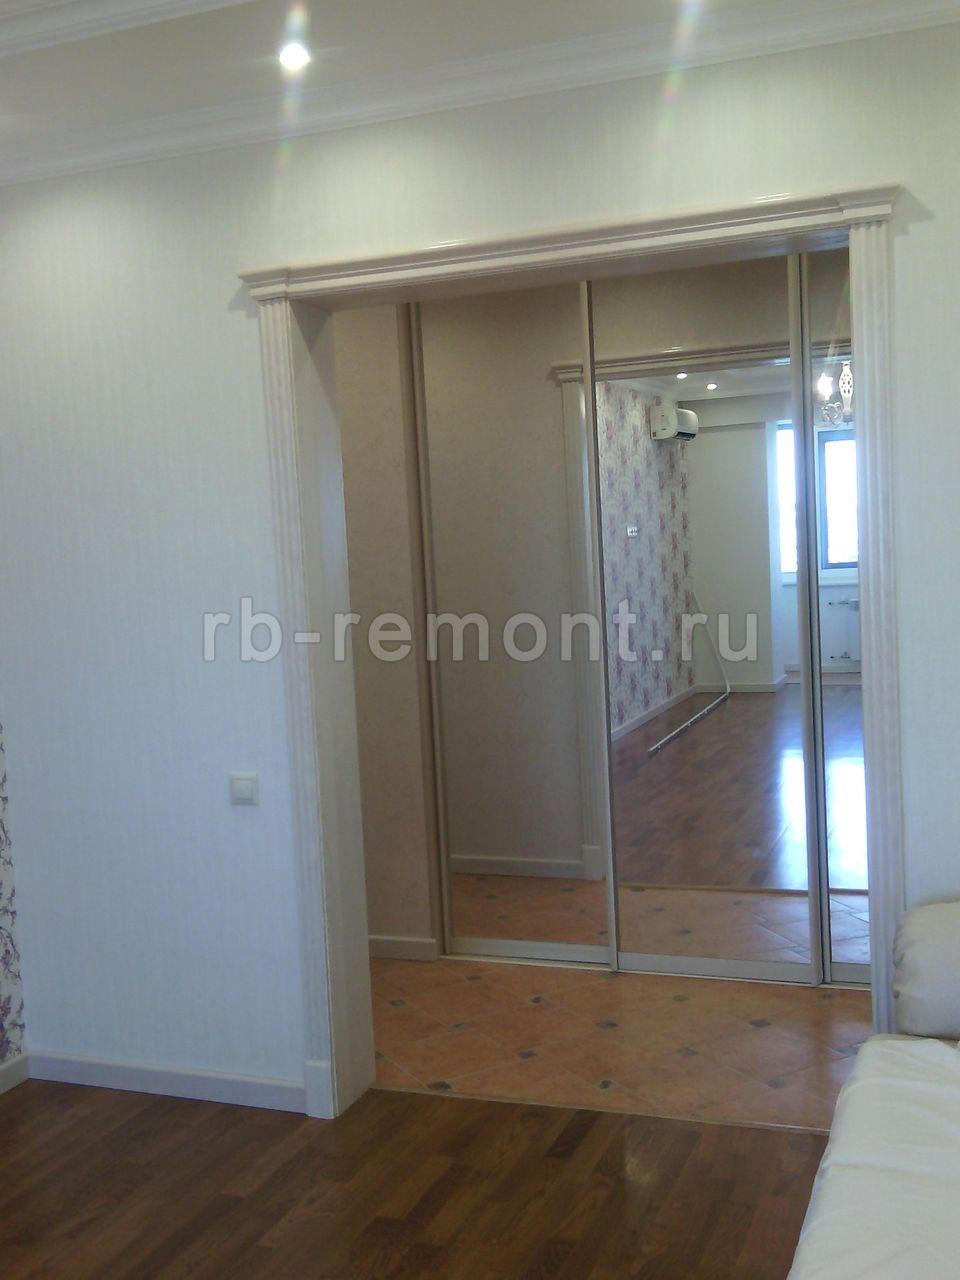 http://www.rb-remont.ru/raboty/photo_/komsomolskaya-125.1-00/img/img_20150709_122129.jpg (бол.)